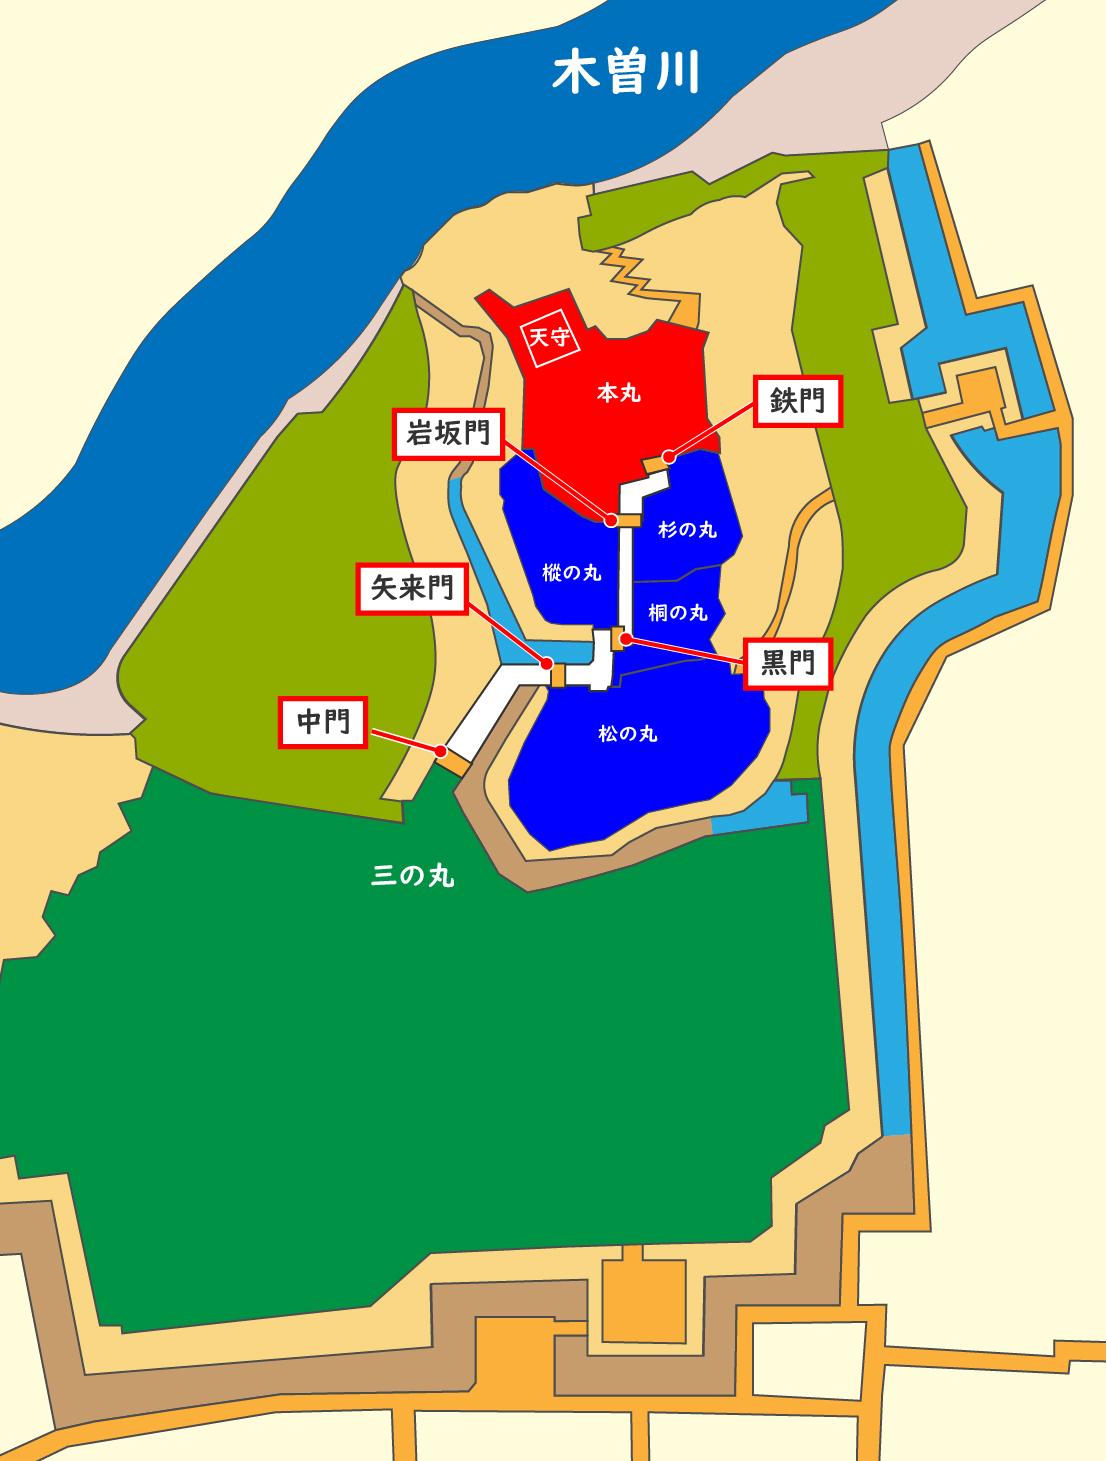 犬山城縄張り図-大手道の門(図:たかまる。)